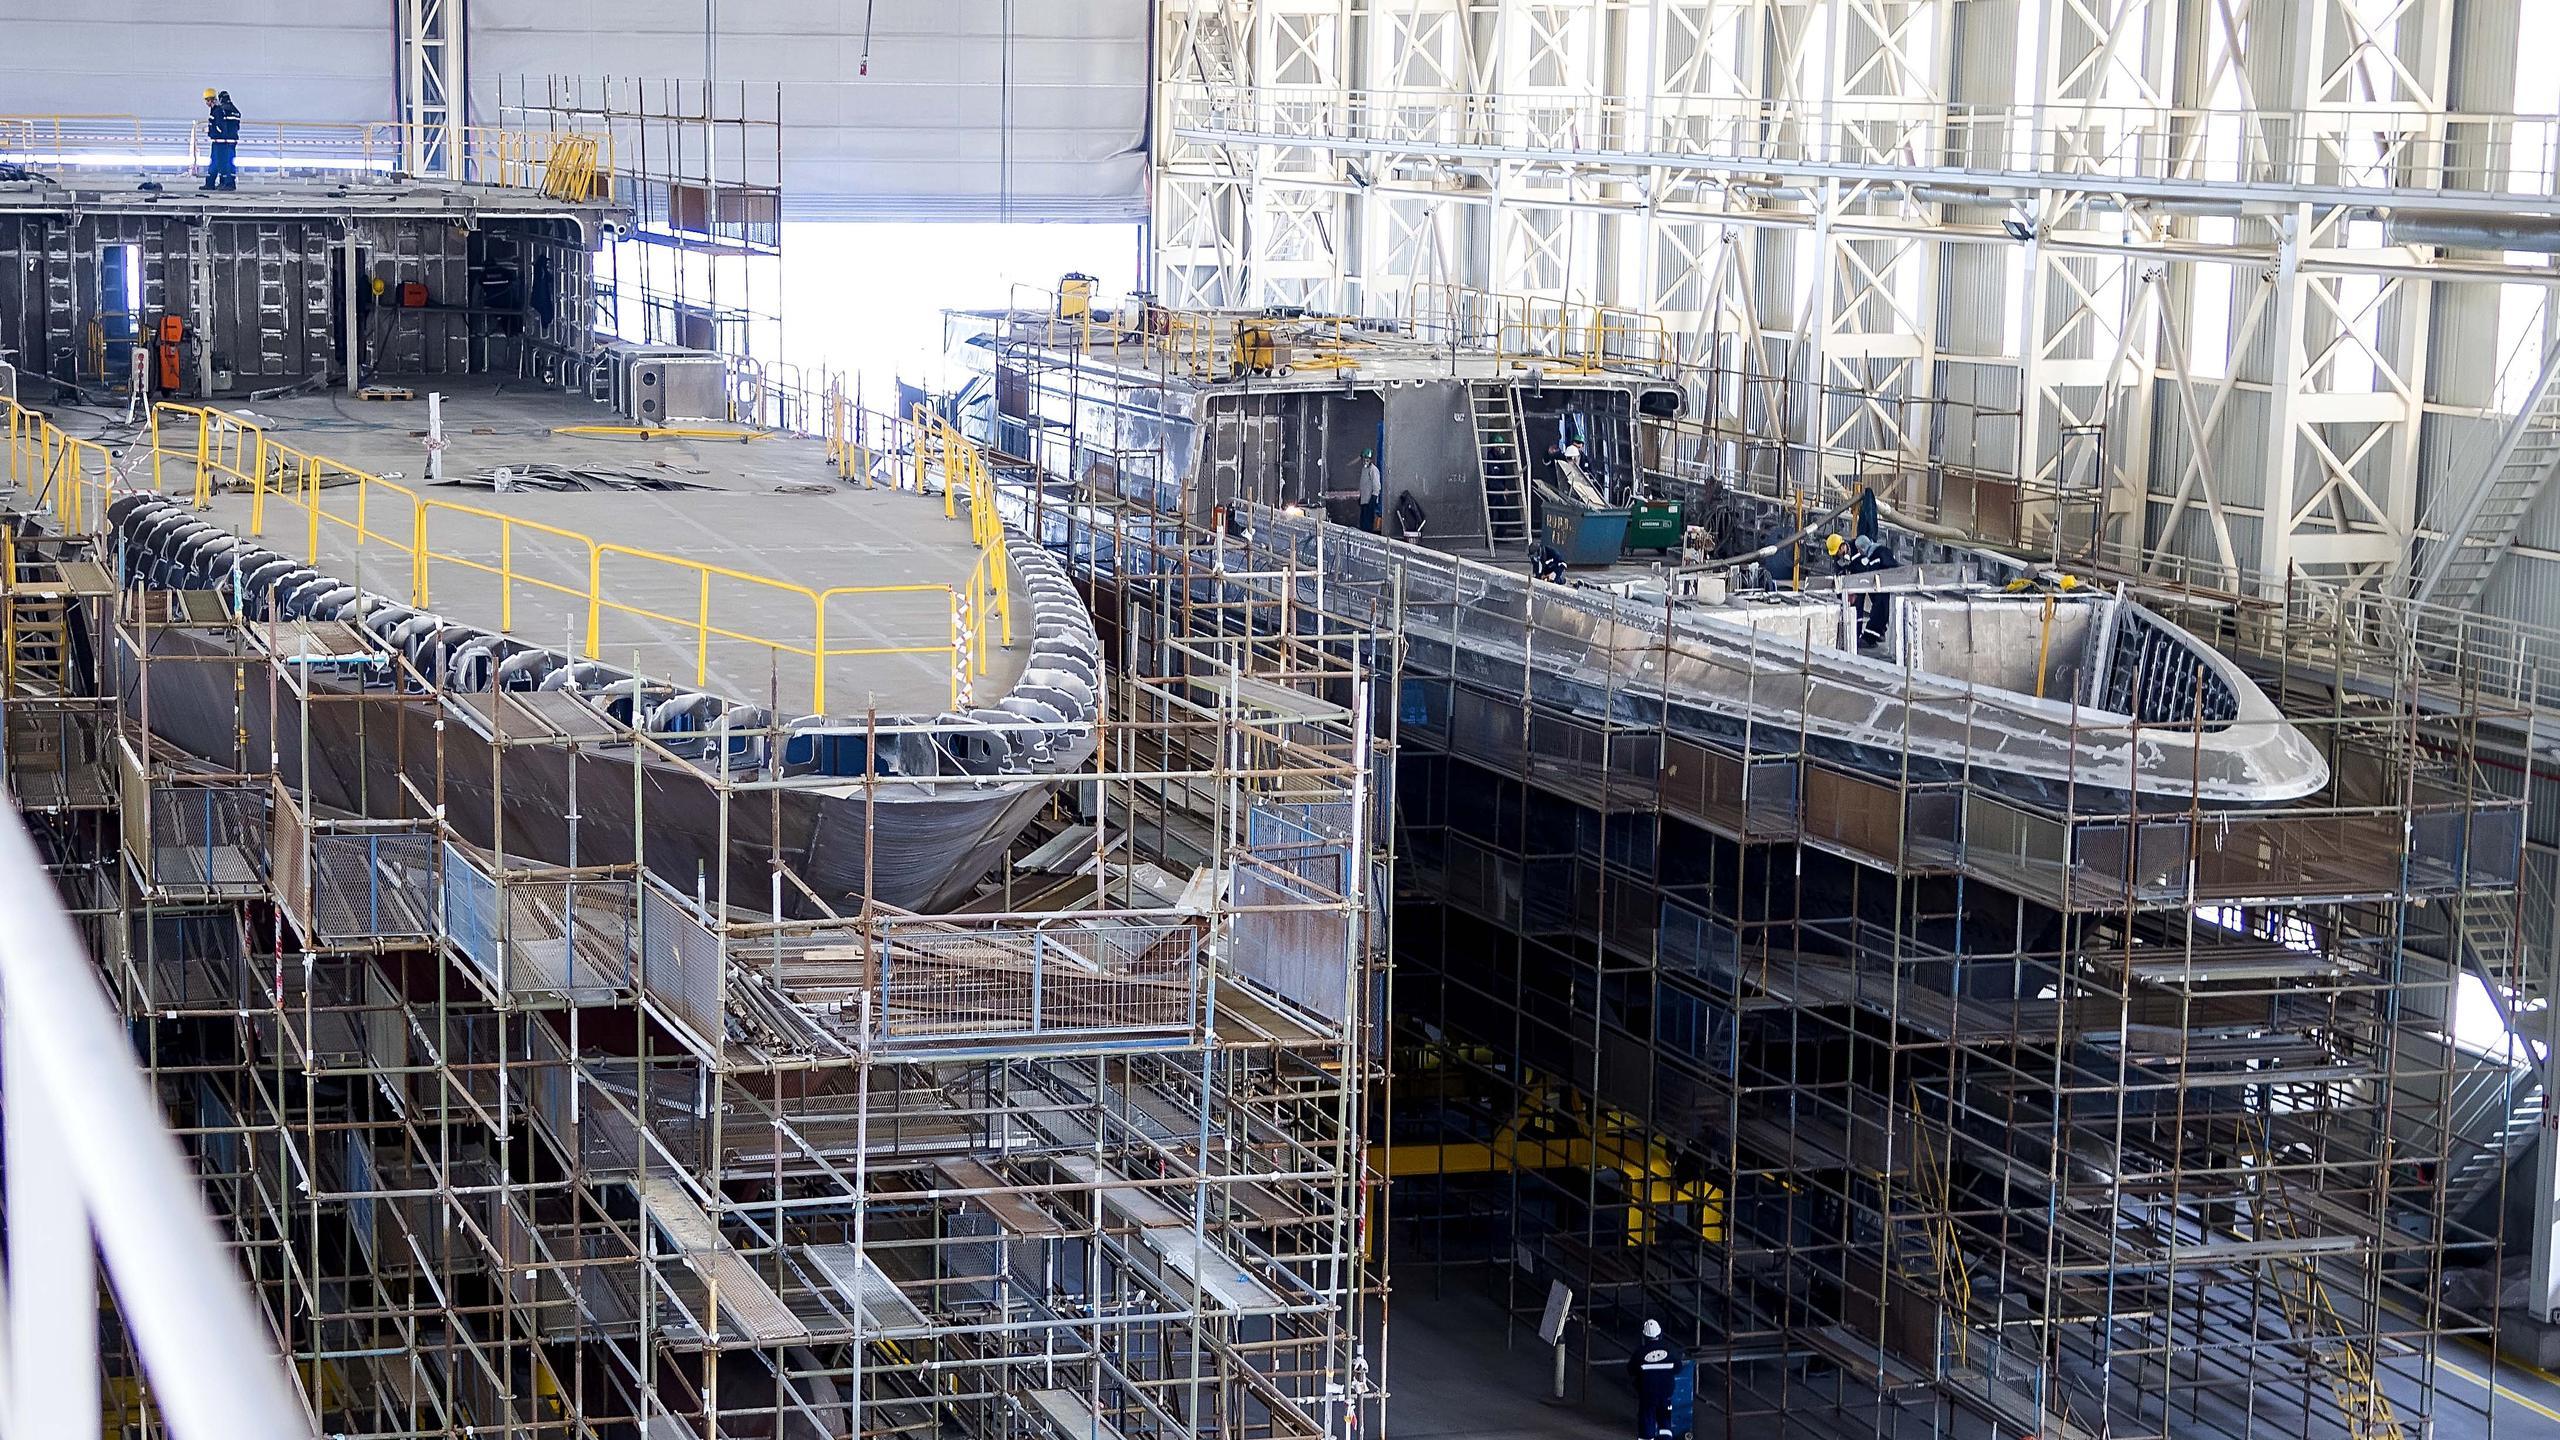 tala motoryacht turquoise yachts 53m 2020 under construction